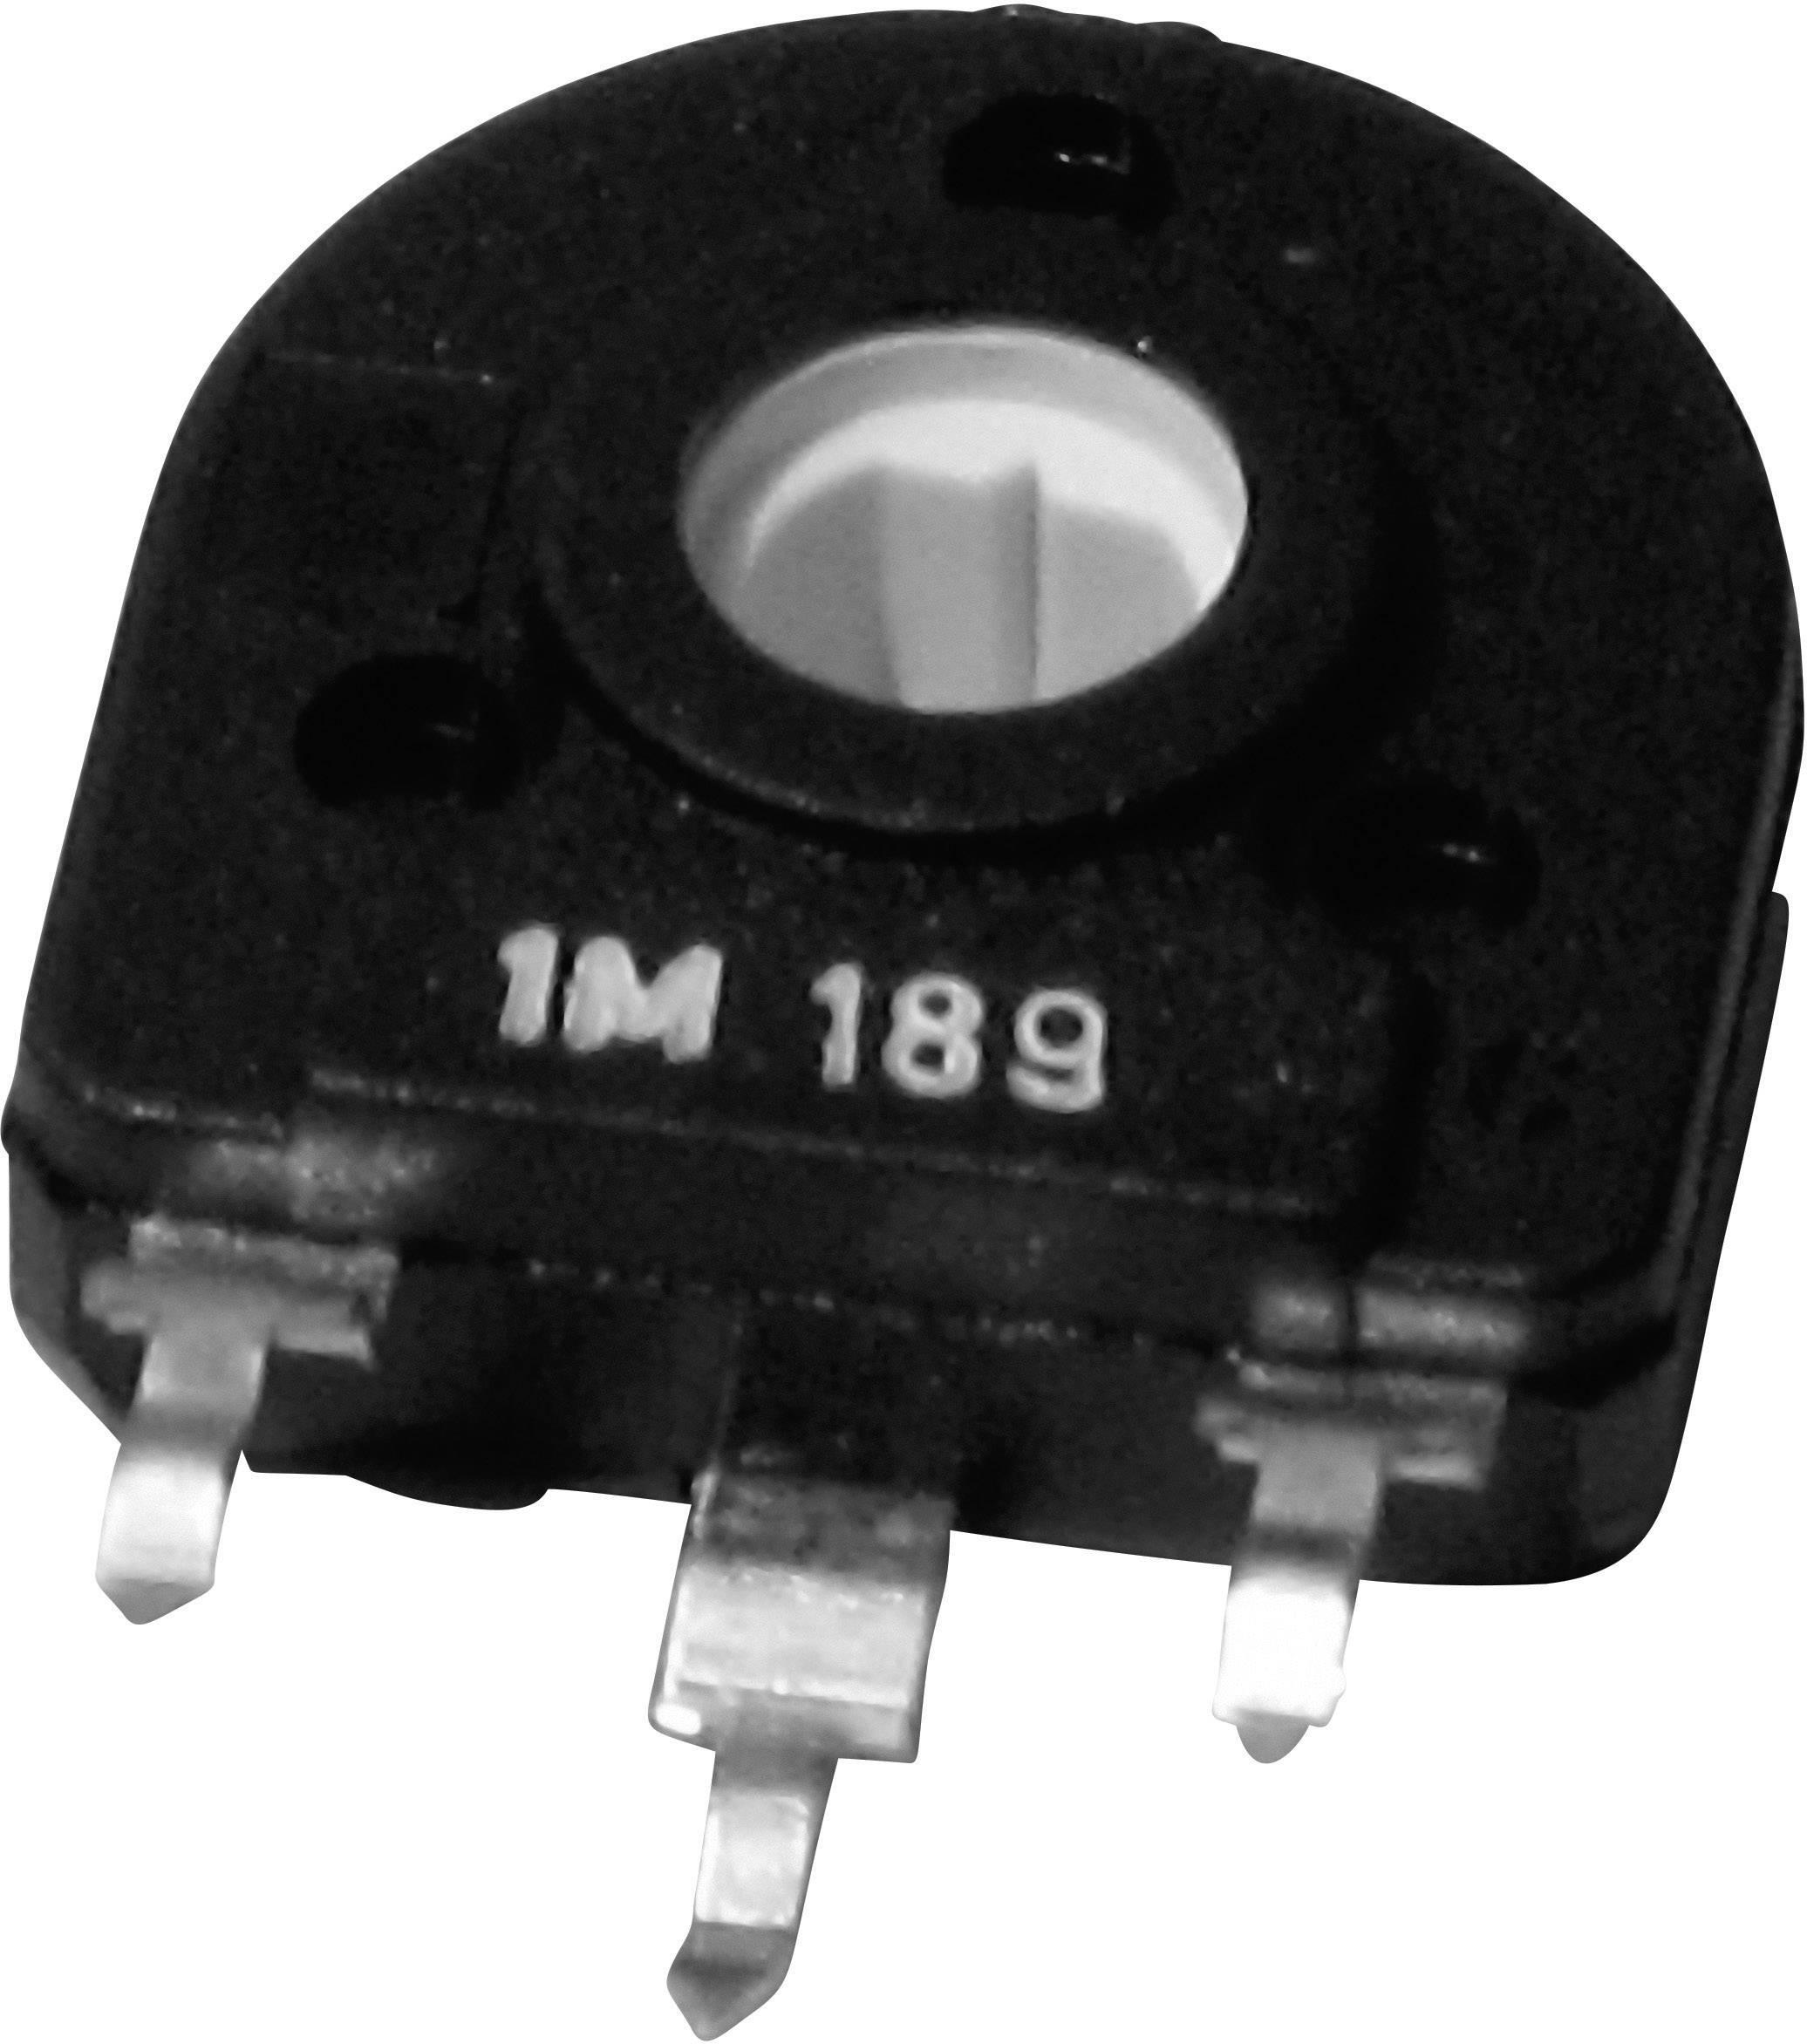 Uhlíkový trimer TT Electronics AB 1551033, lineárny, 25 kOhm, 0.25 W, 1 ks